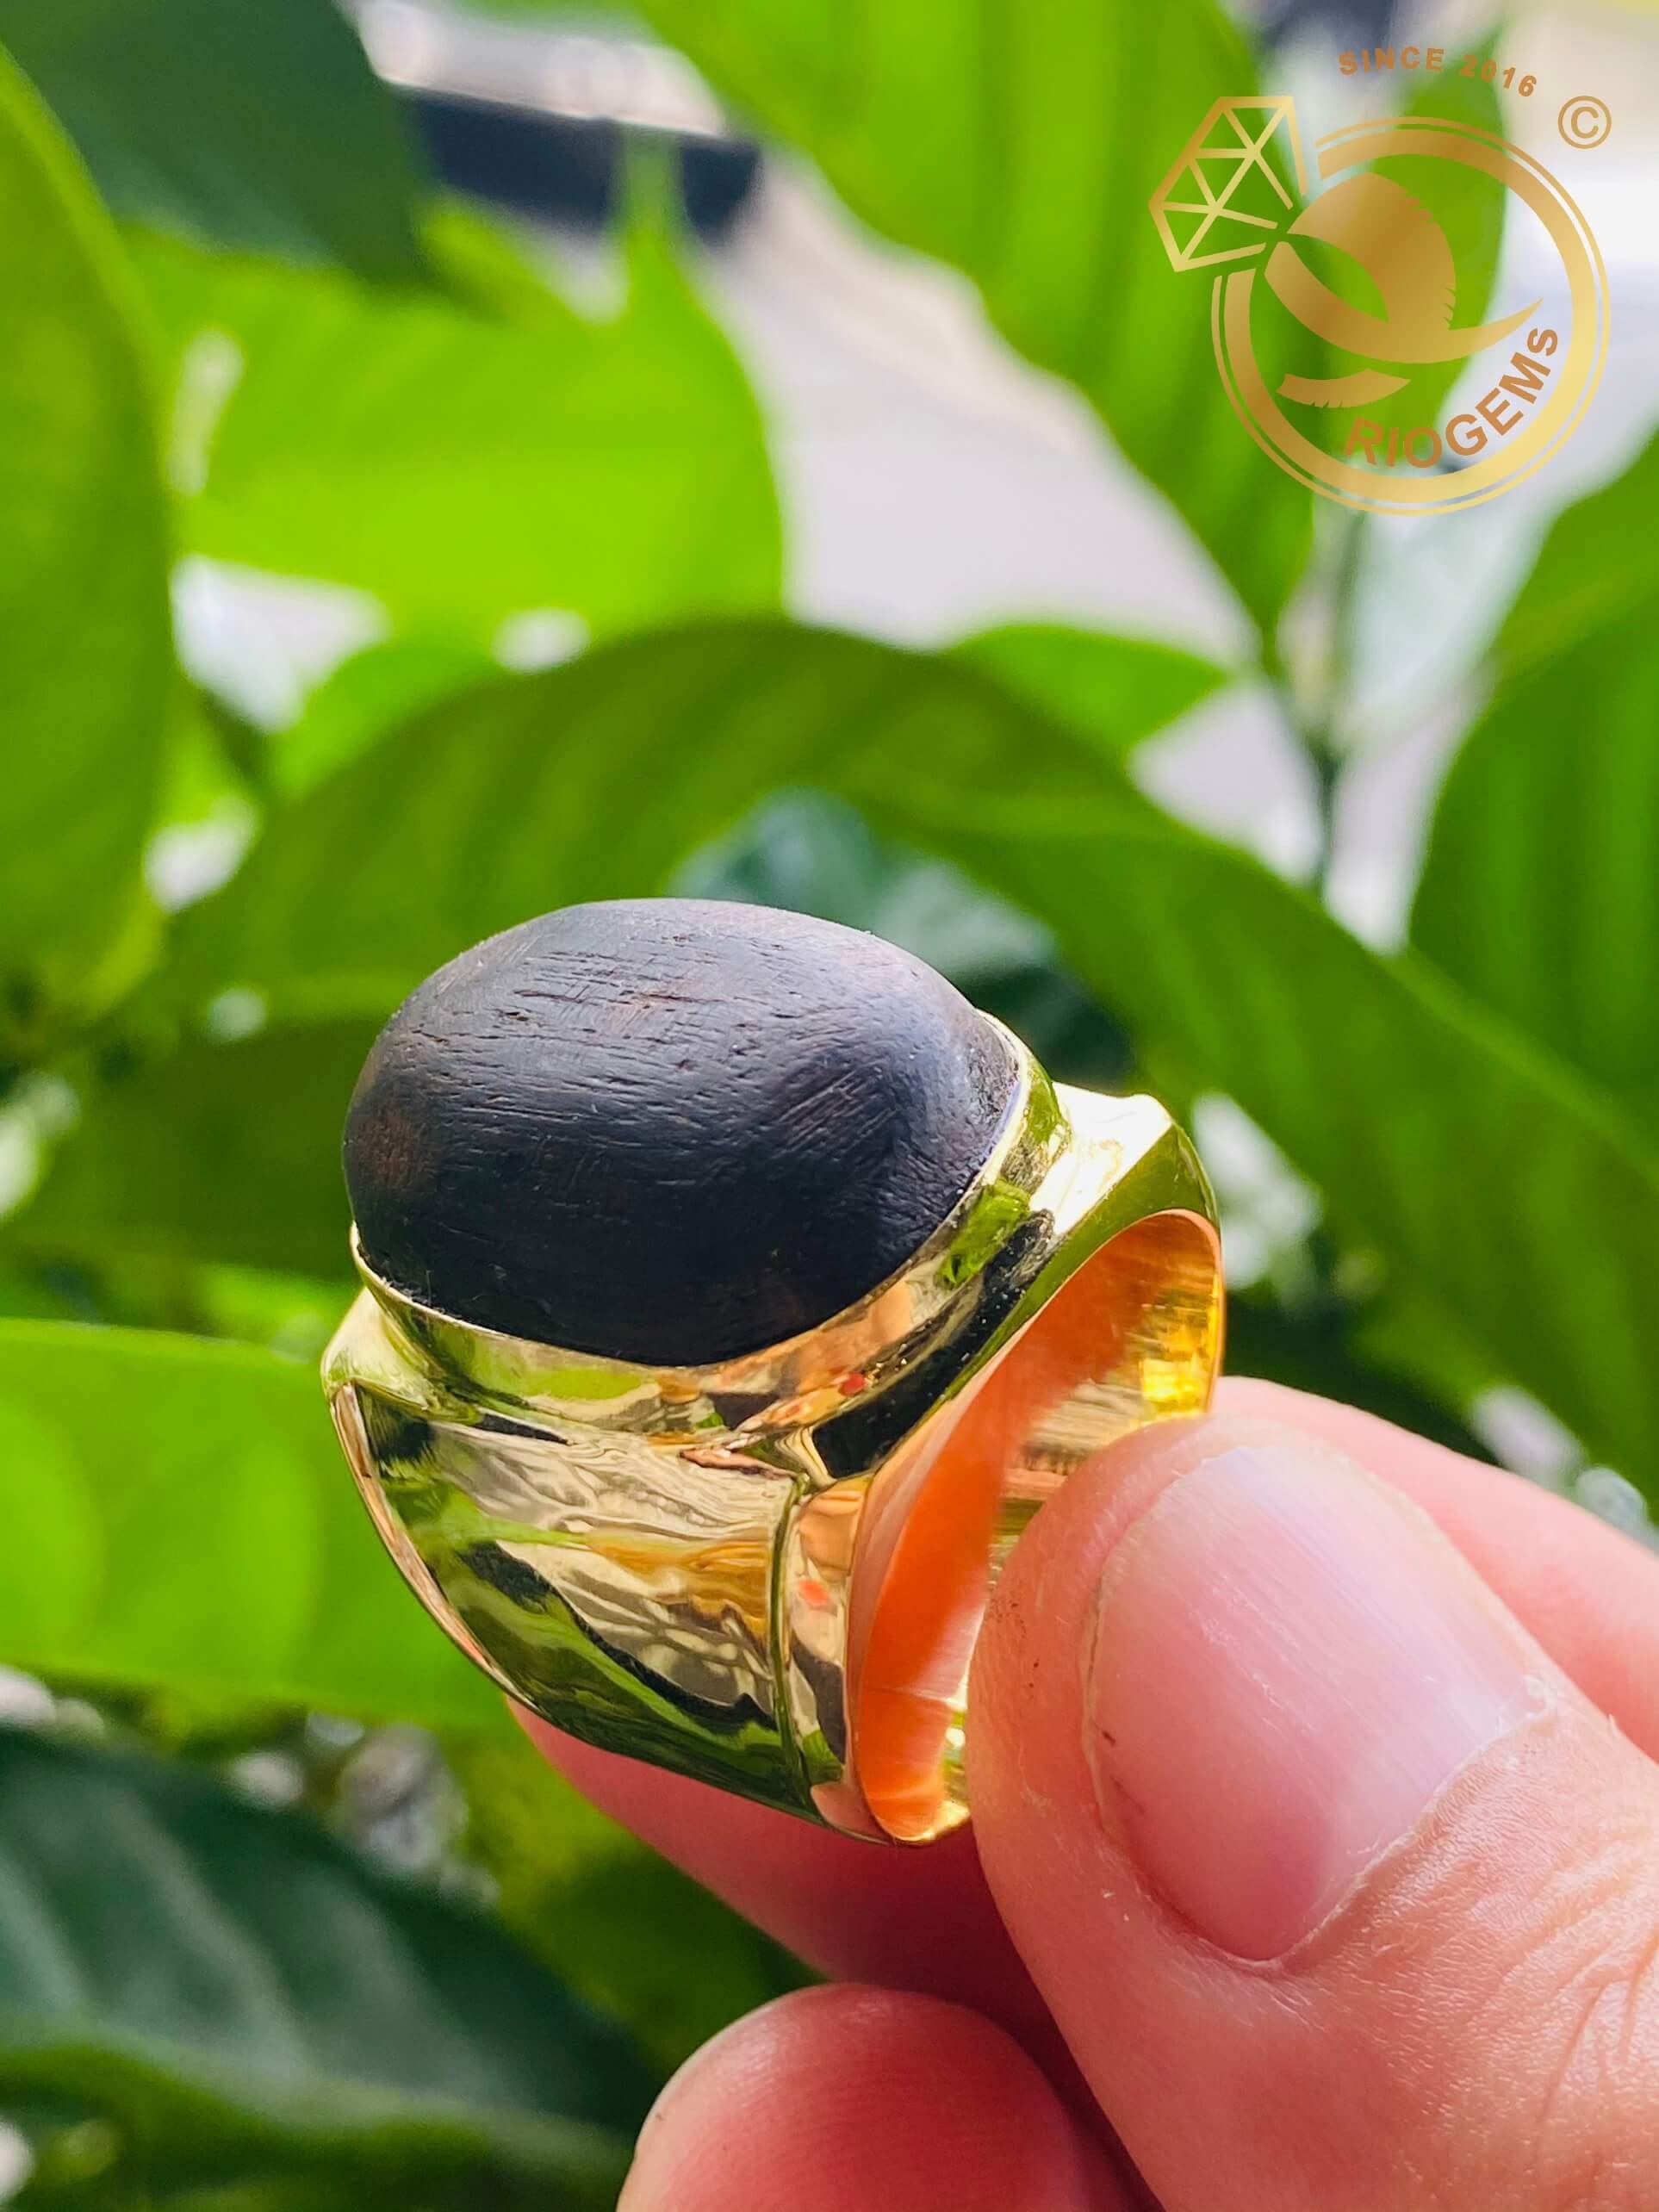 Nhẫn nam vàng 18k được làm từ gỗ trầm hương và vàng 18k610 cao cấp